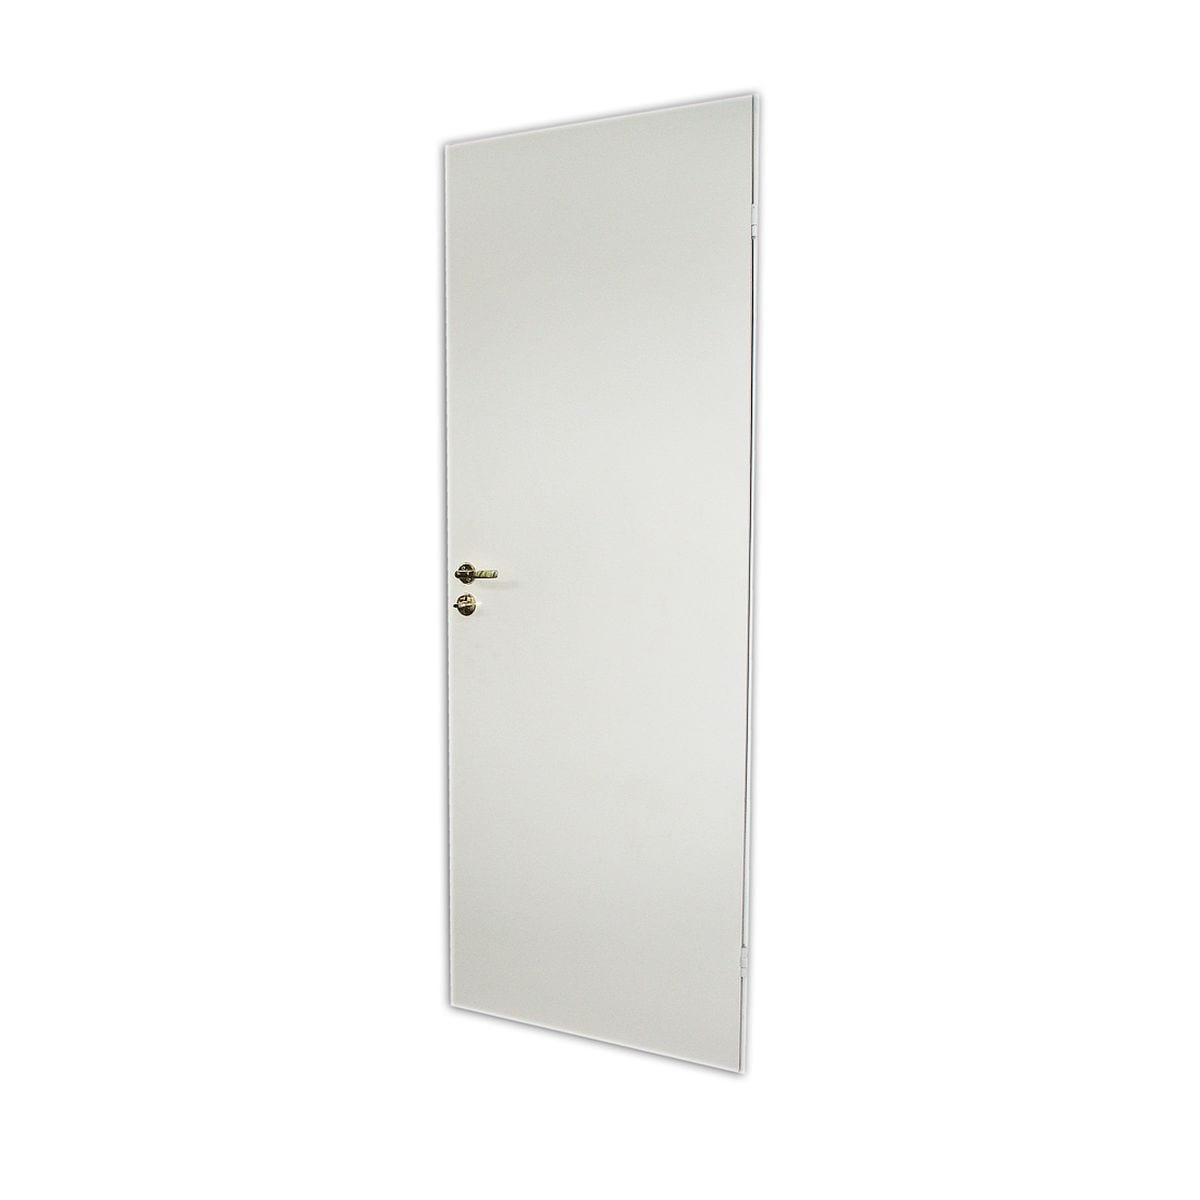 Дверное полотно 2100* 700 белый, ответка ОЛОВИ